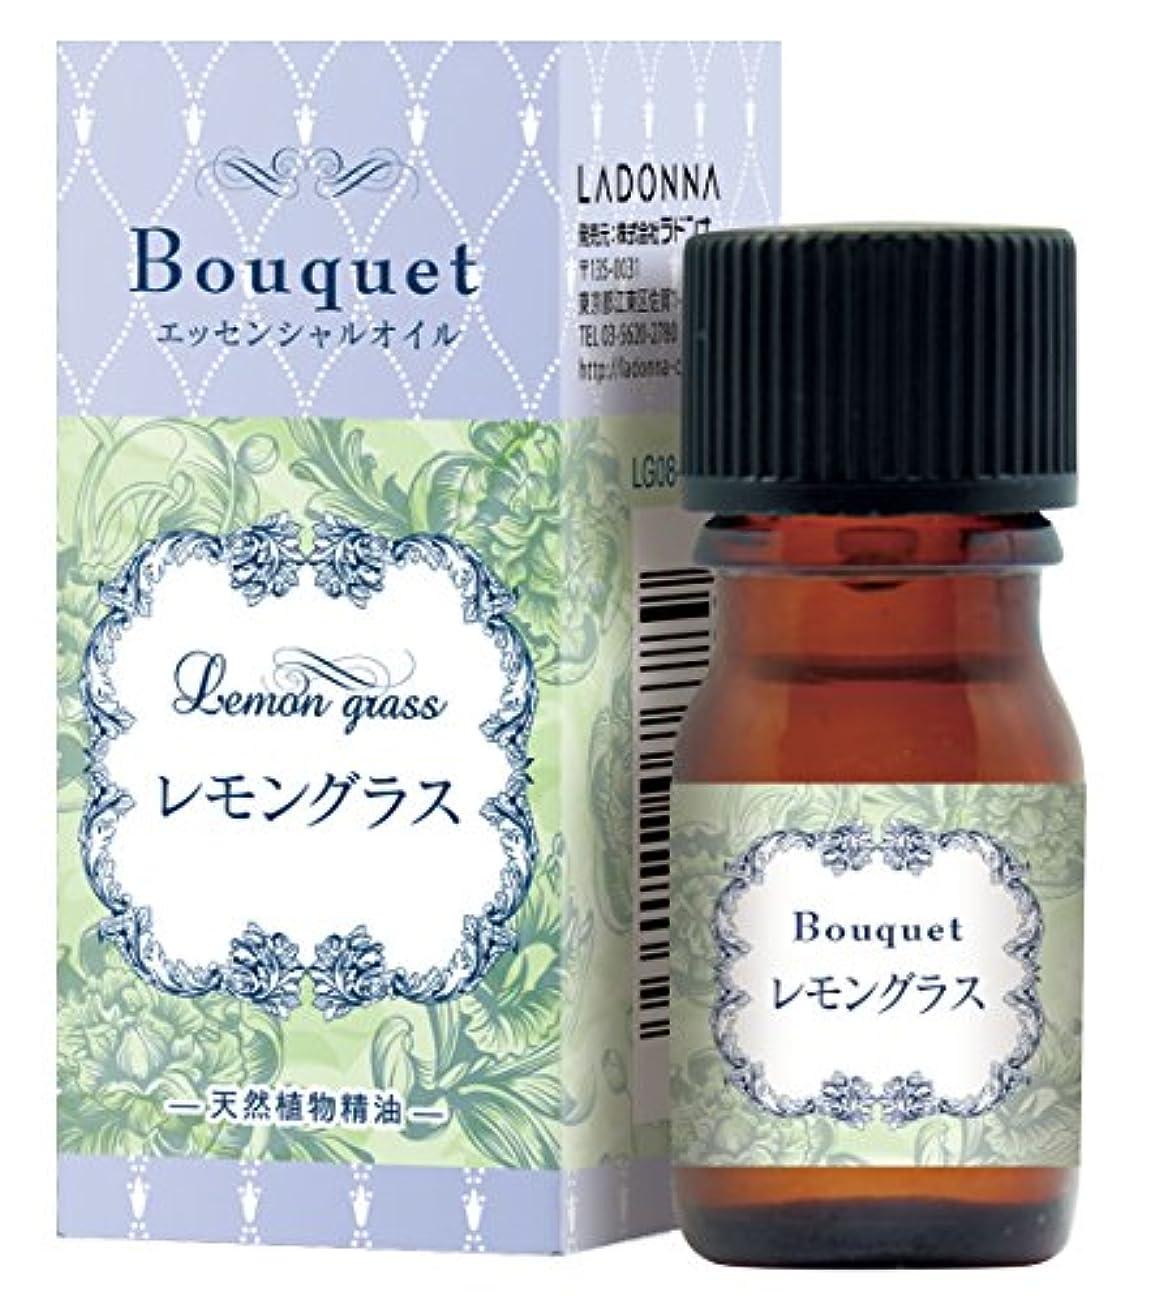 ご注意適度に燃やすラドンナ エッセンシャルオイル -天然植物精油- Bouquet(ブーケ) LG08-EO レモングラス